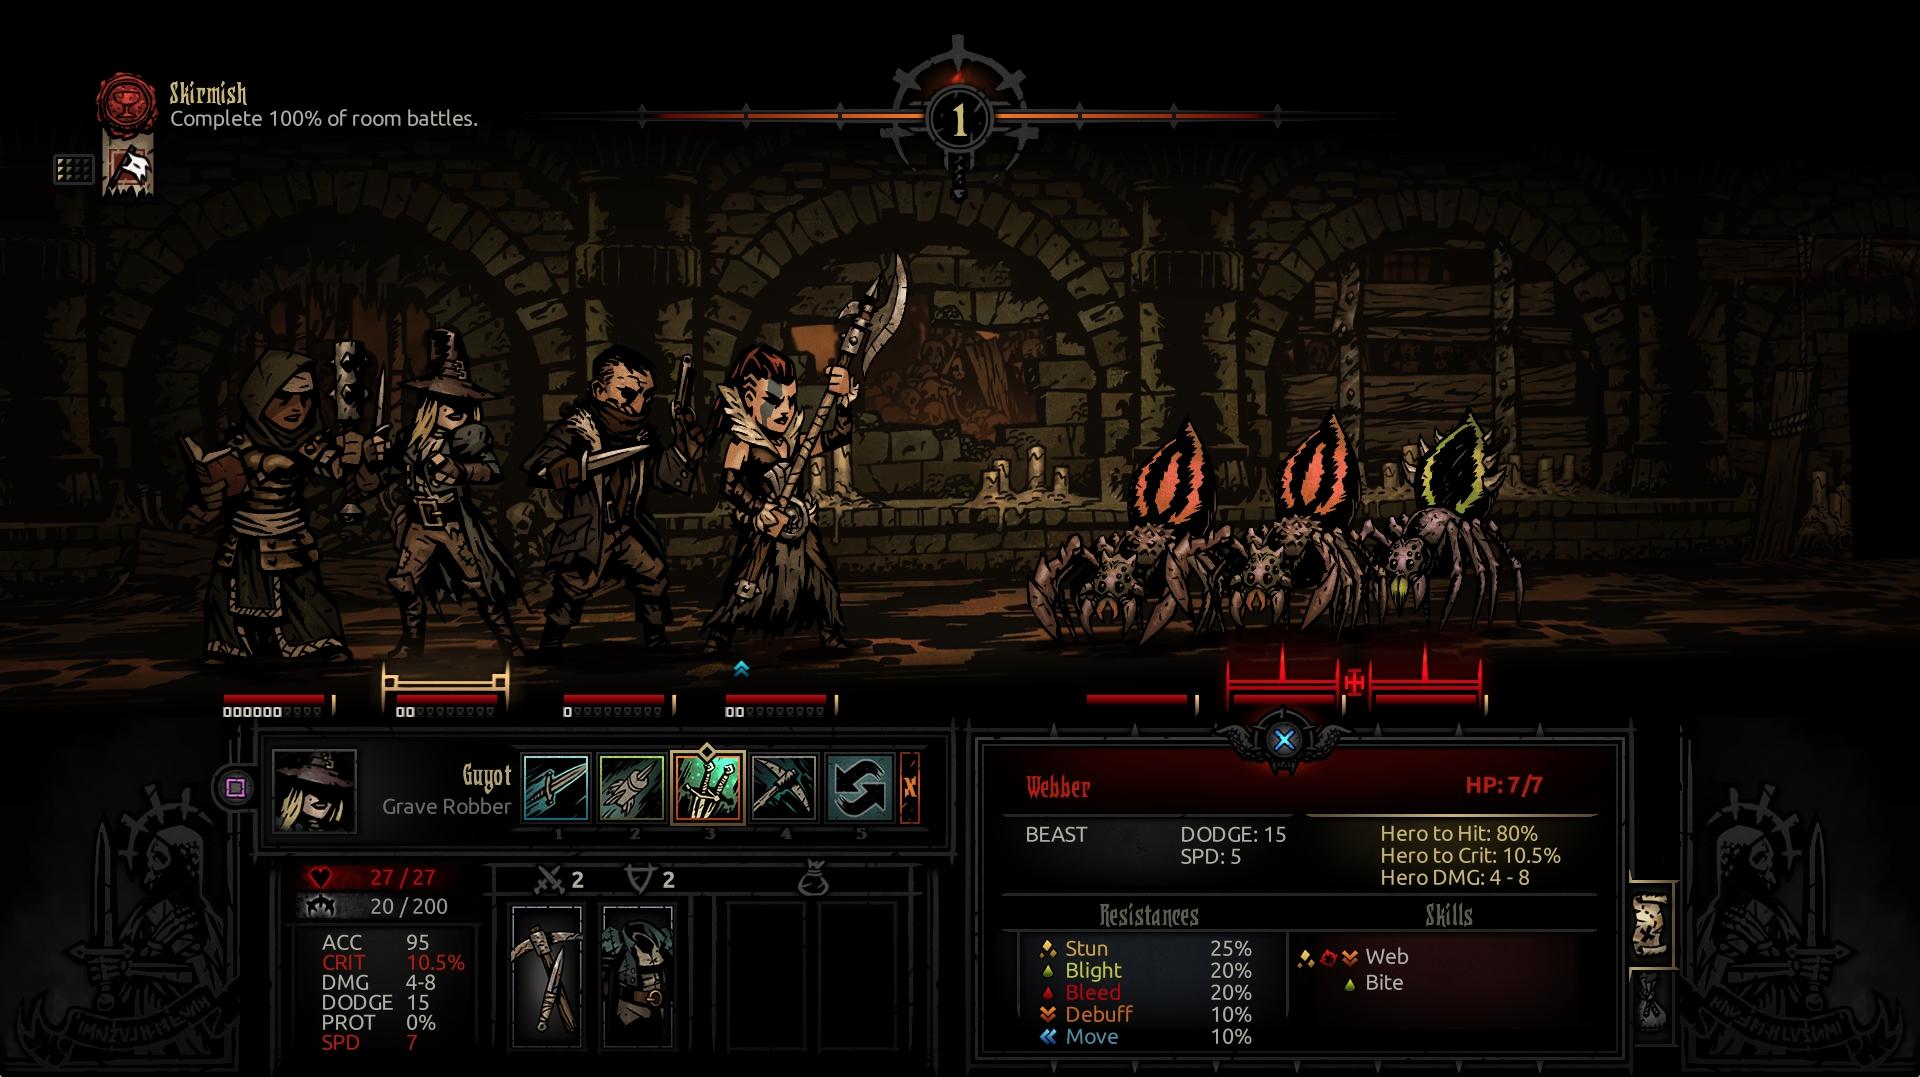 1470275022-darkest-dungeon-screen